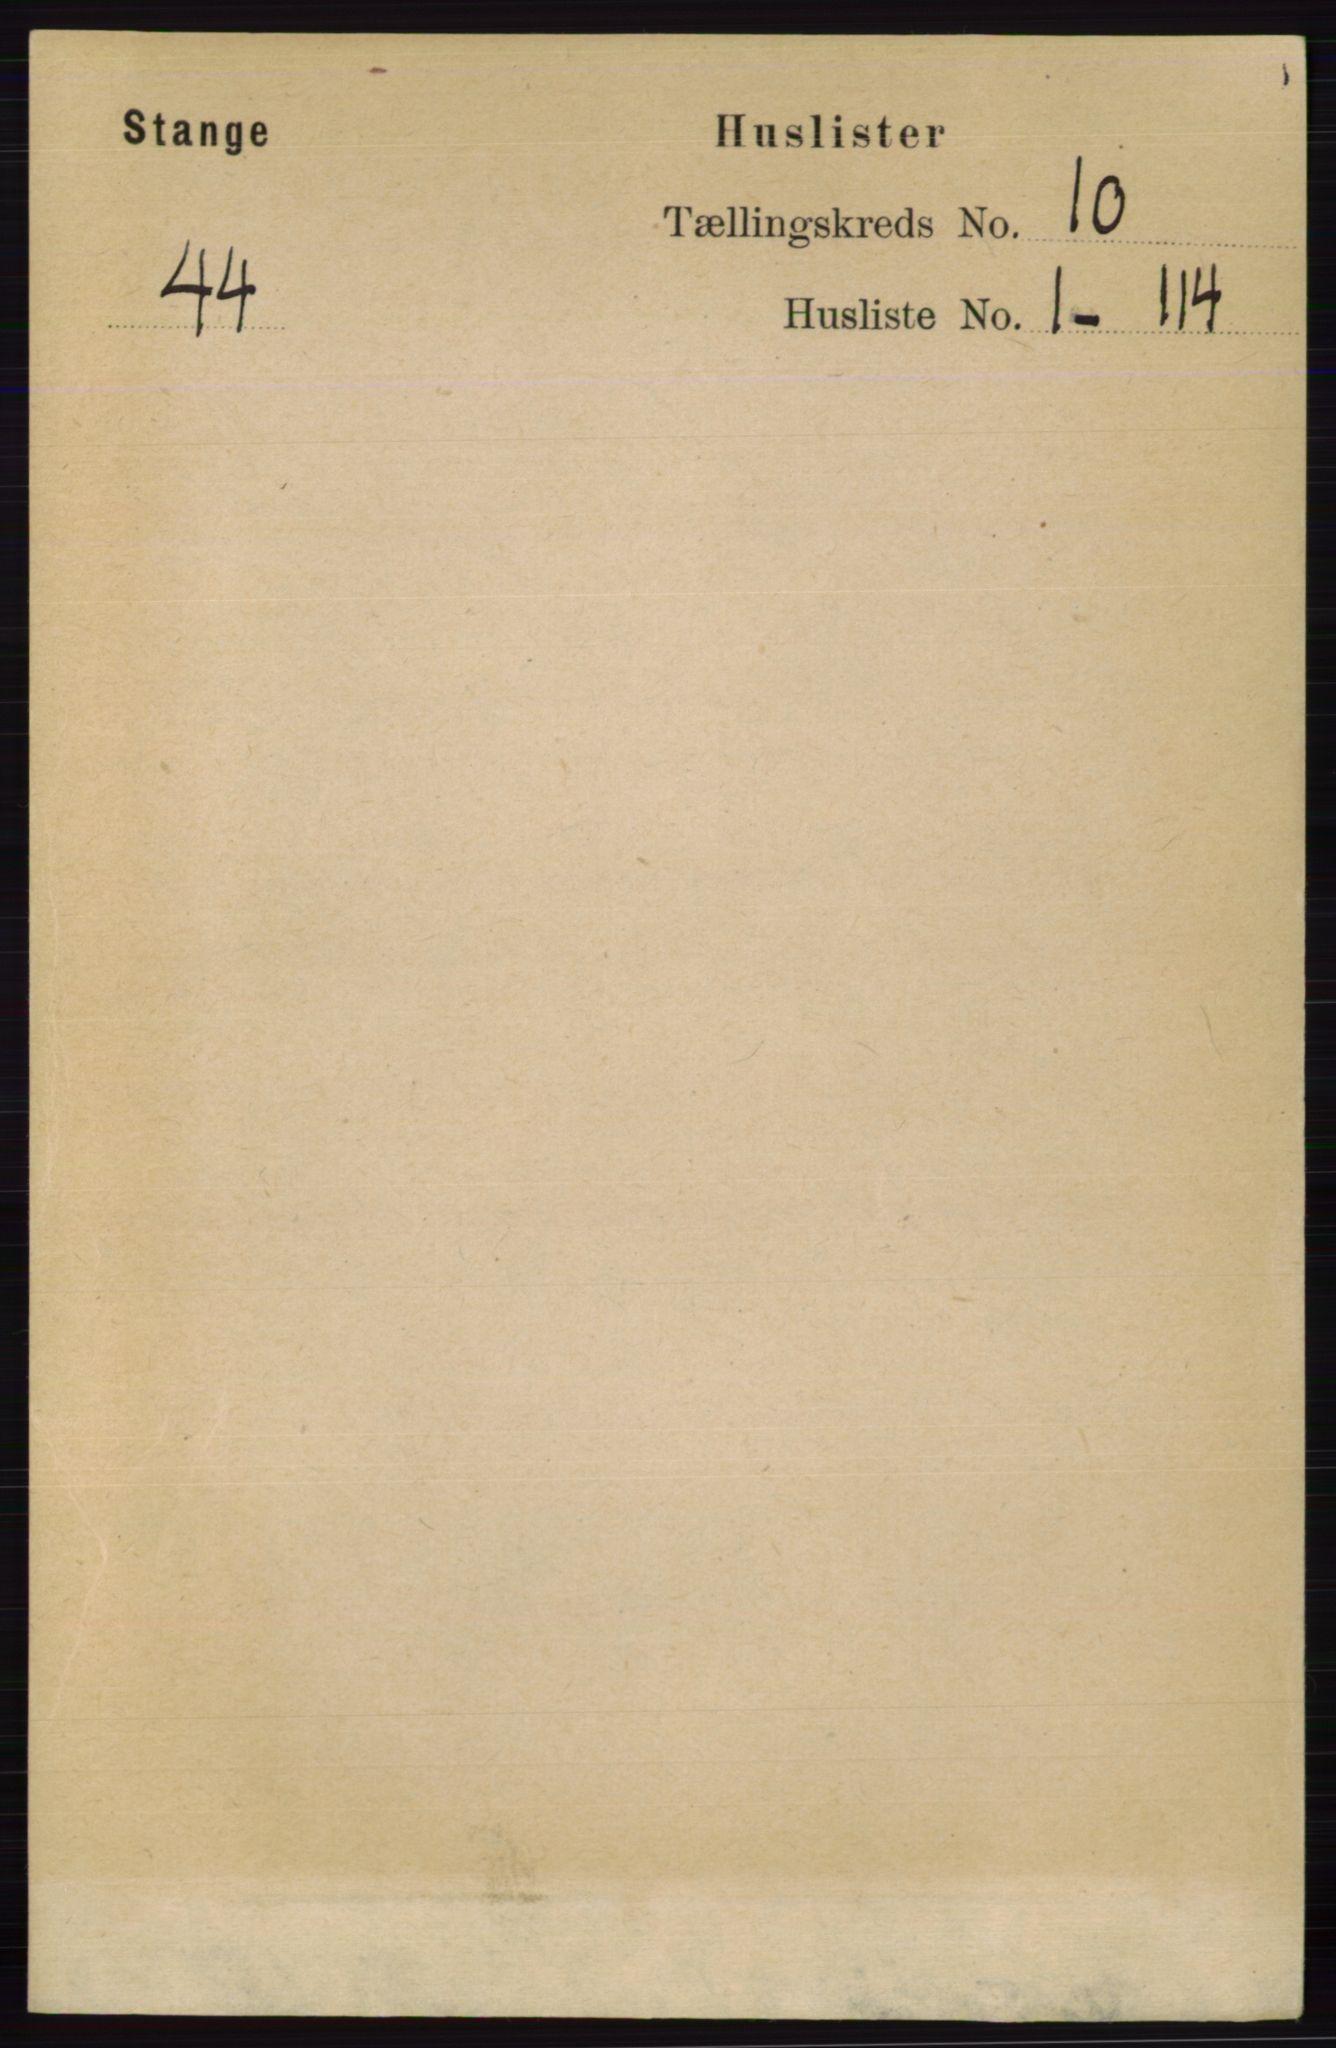 RA, Folketelling 1891 for 0417 Stange herred, 1891, s. 6683